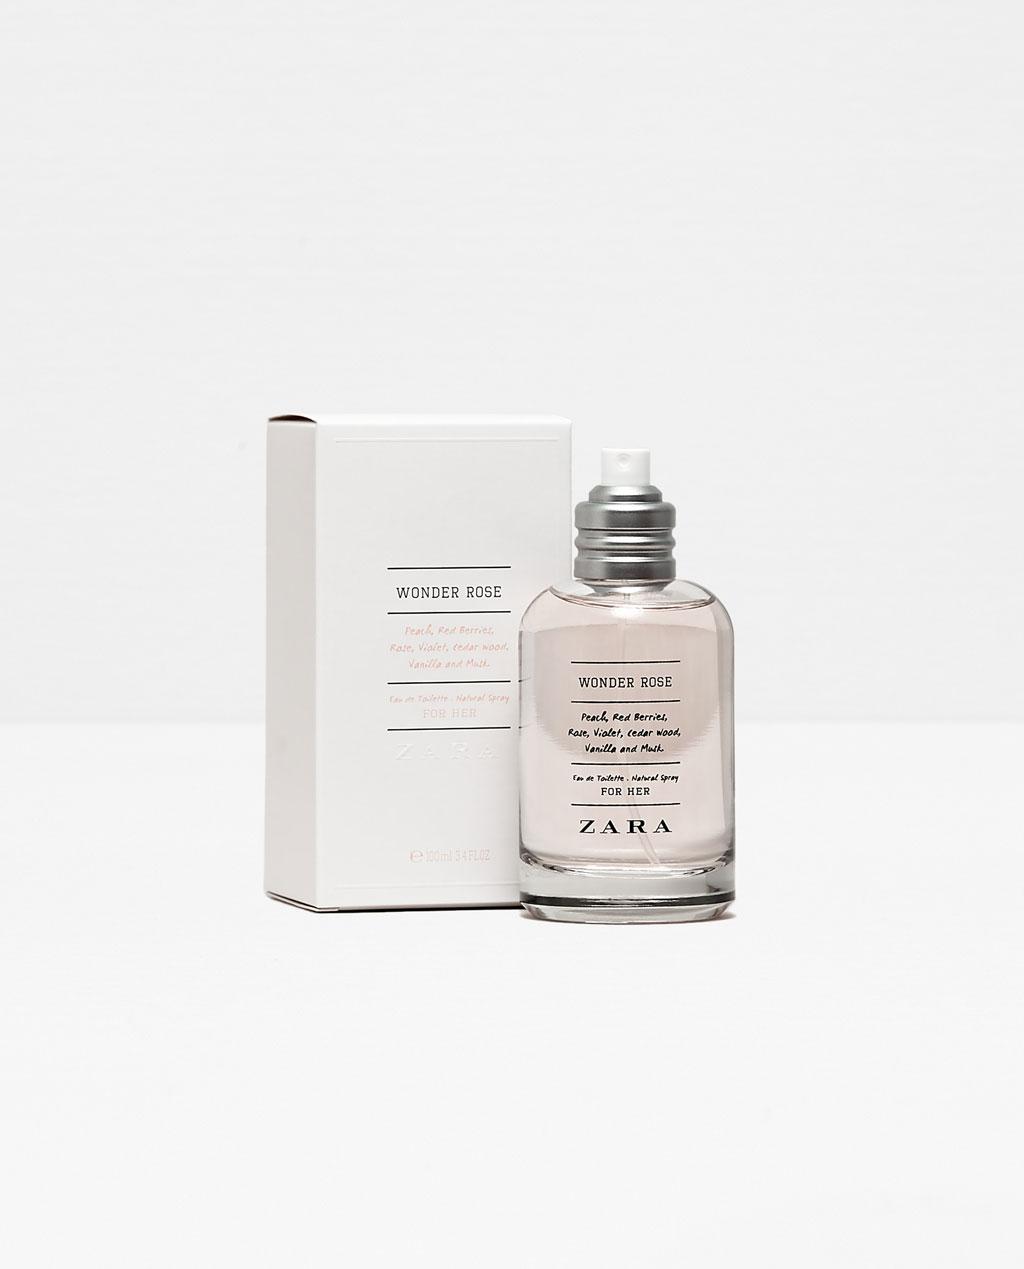 Wonder Rose Zara Perfume A Fragrance For Women 2016